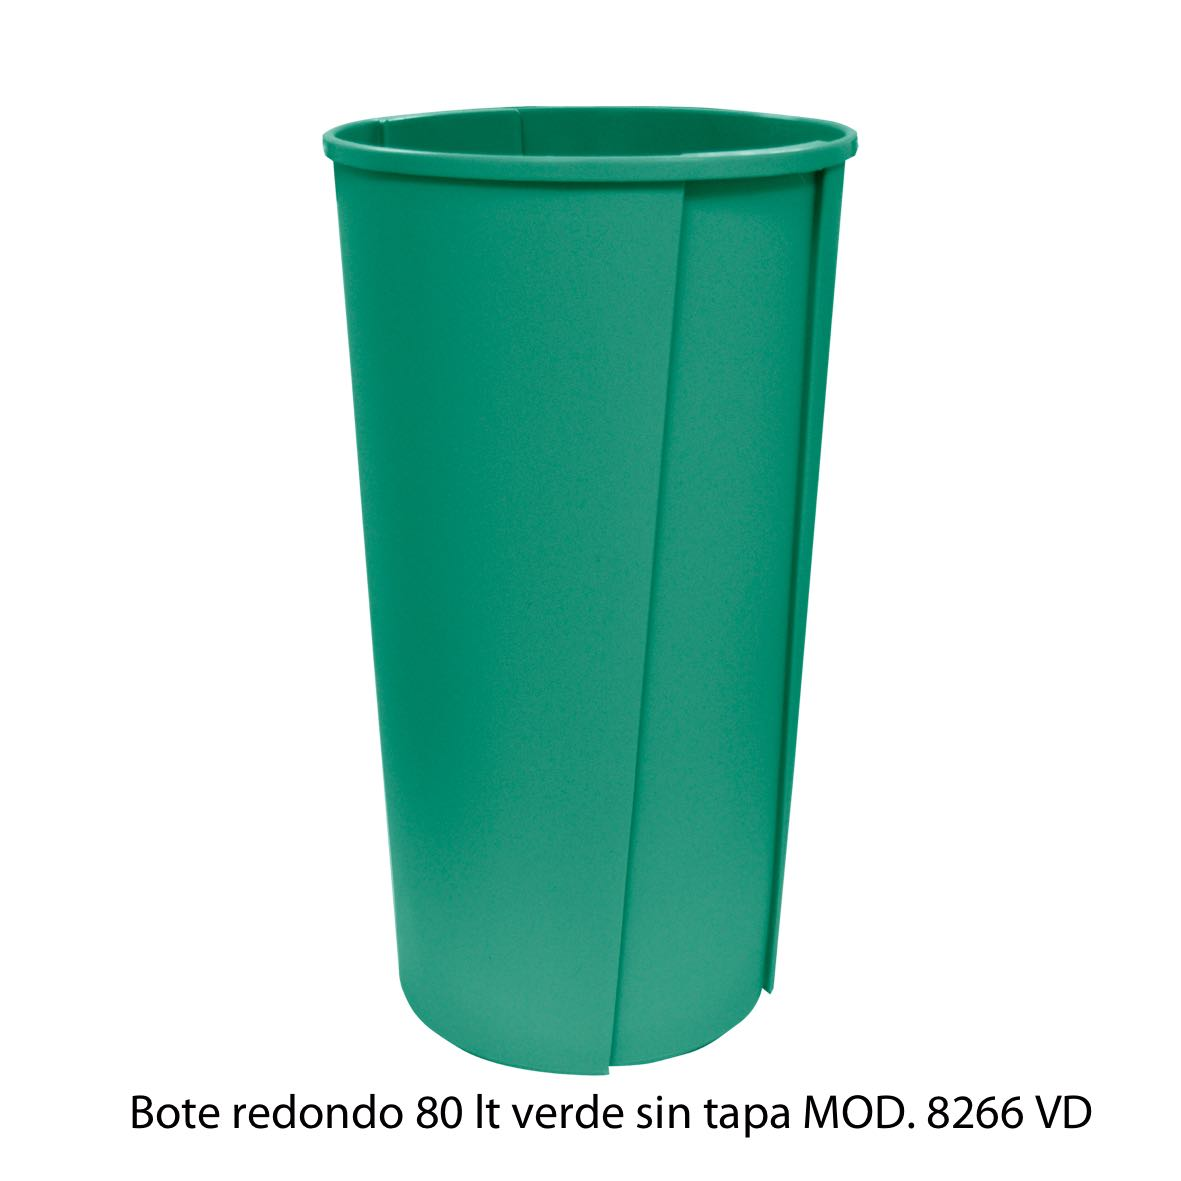 Bote de basura redondo sin tapa de 80 litros verde modelo 8266 VD Sablón